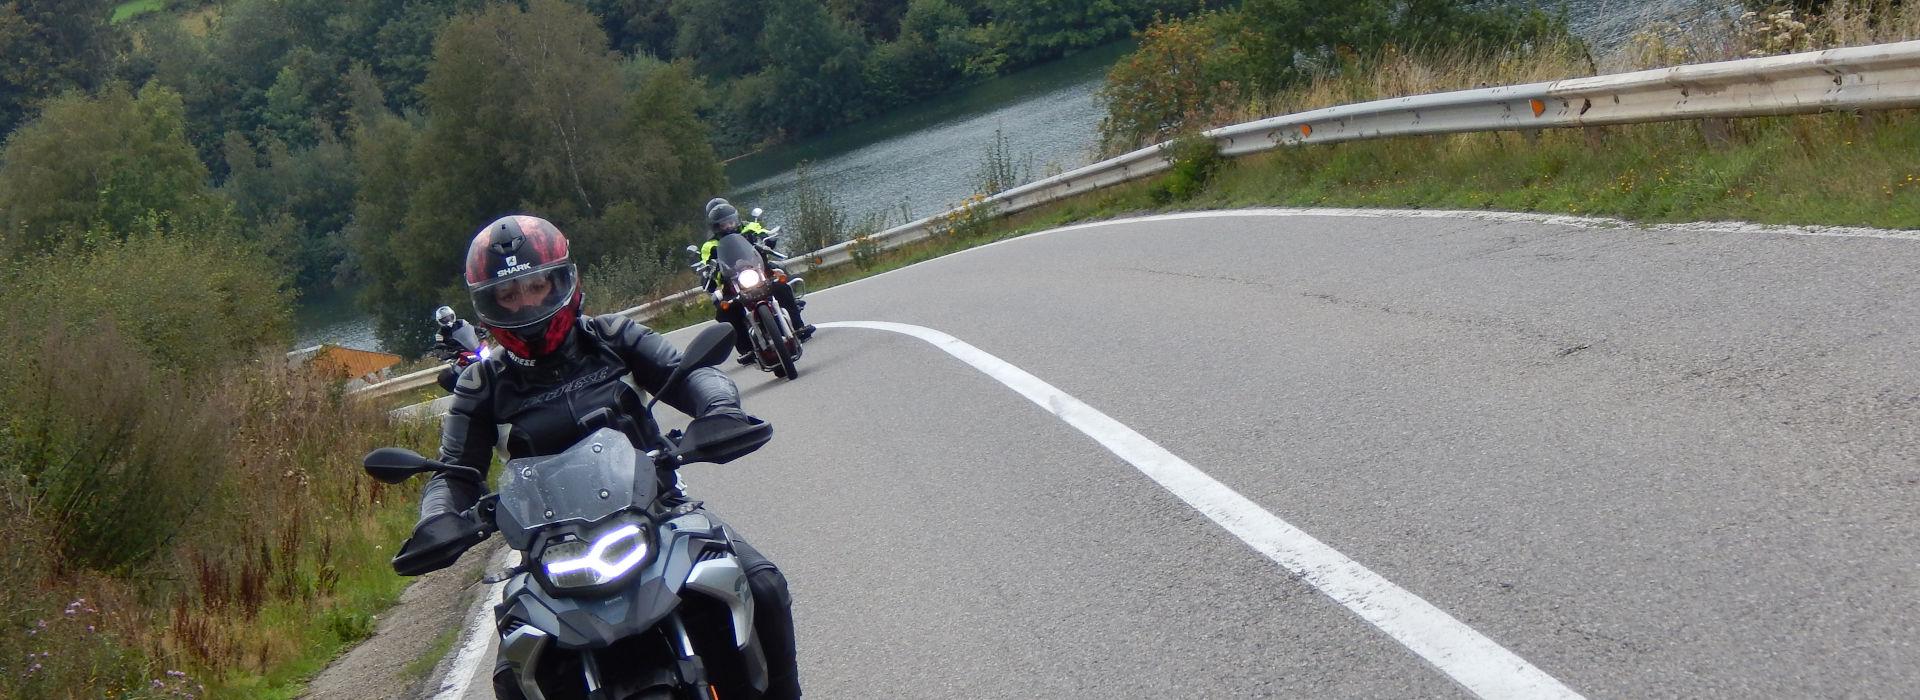 Motorrijbewijspoint Born snelcursus motorrijbewijs